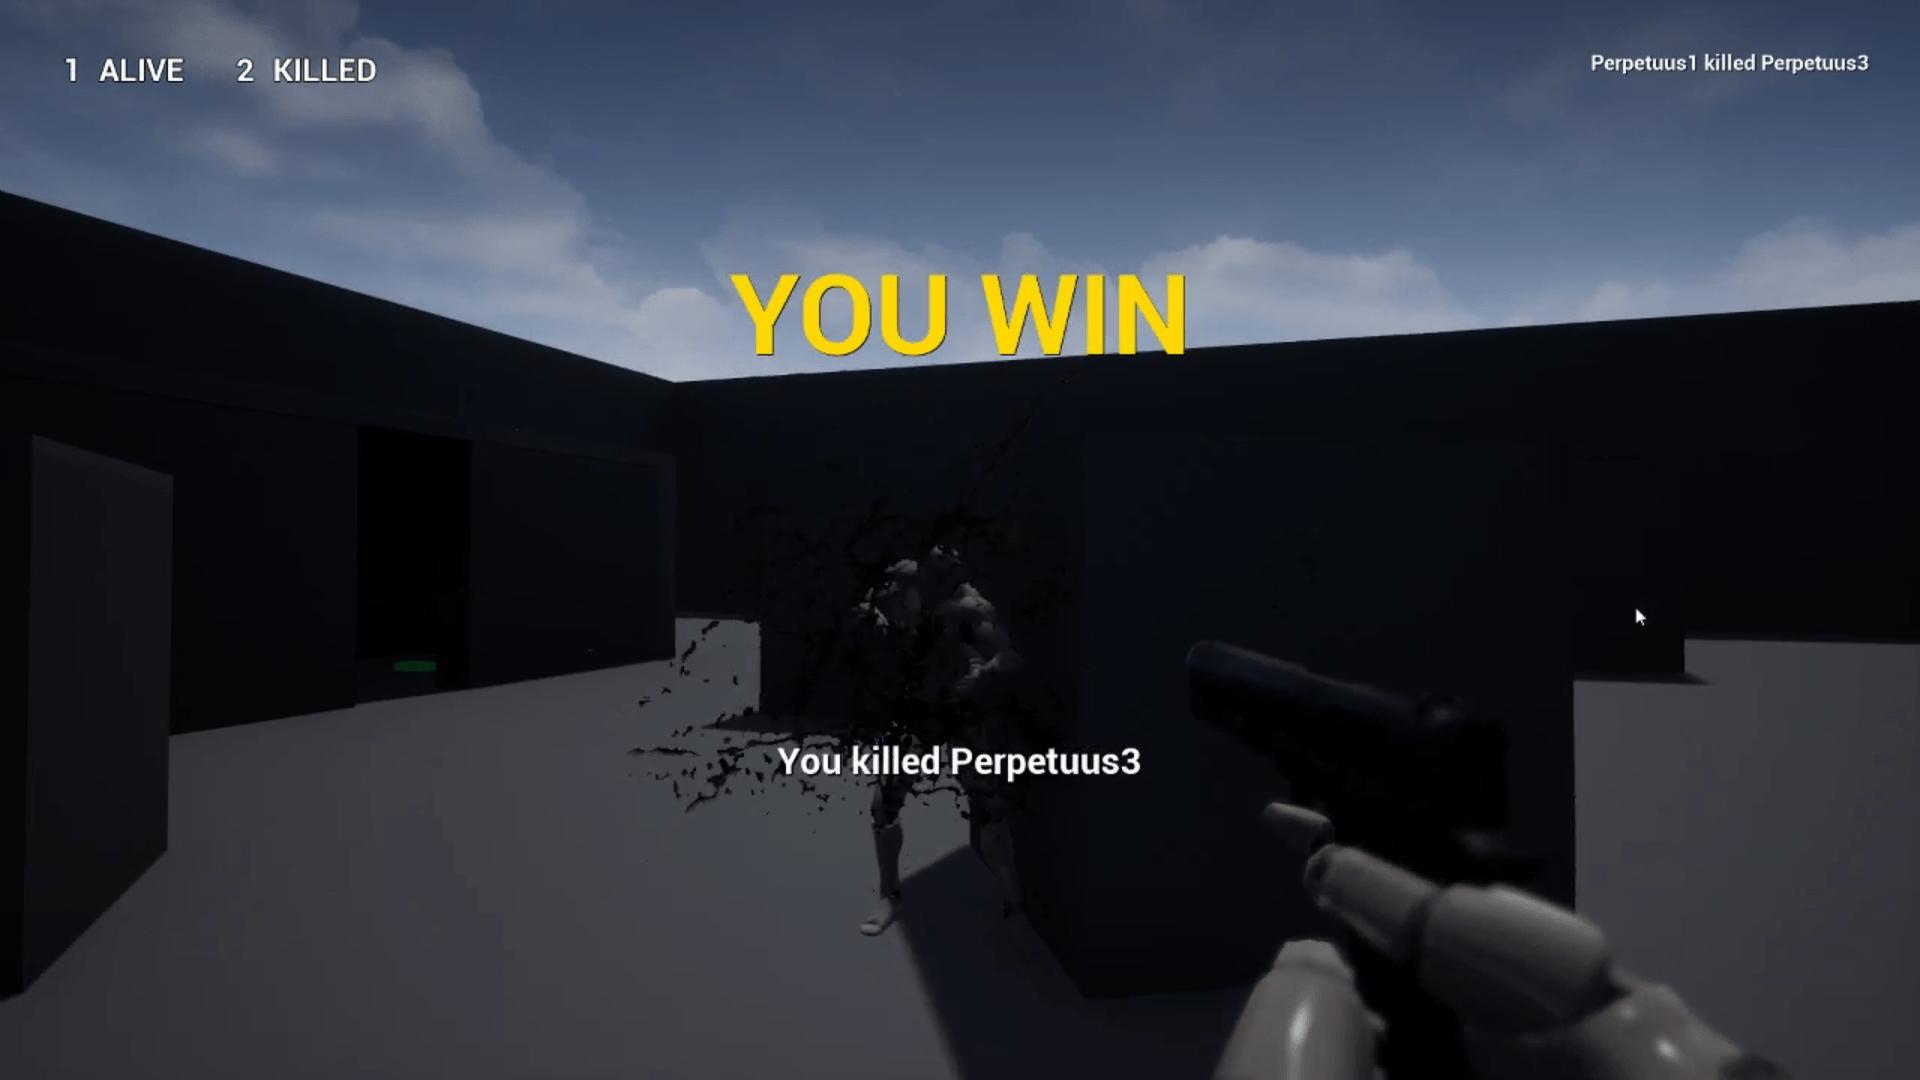 FPS Battle Royale Template by Spyke Development in Blueprints - UE4